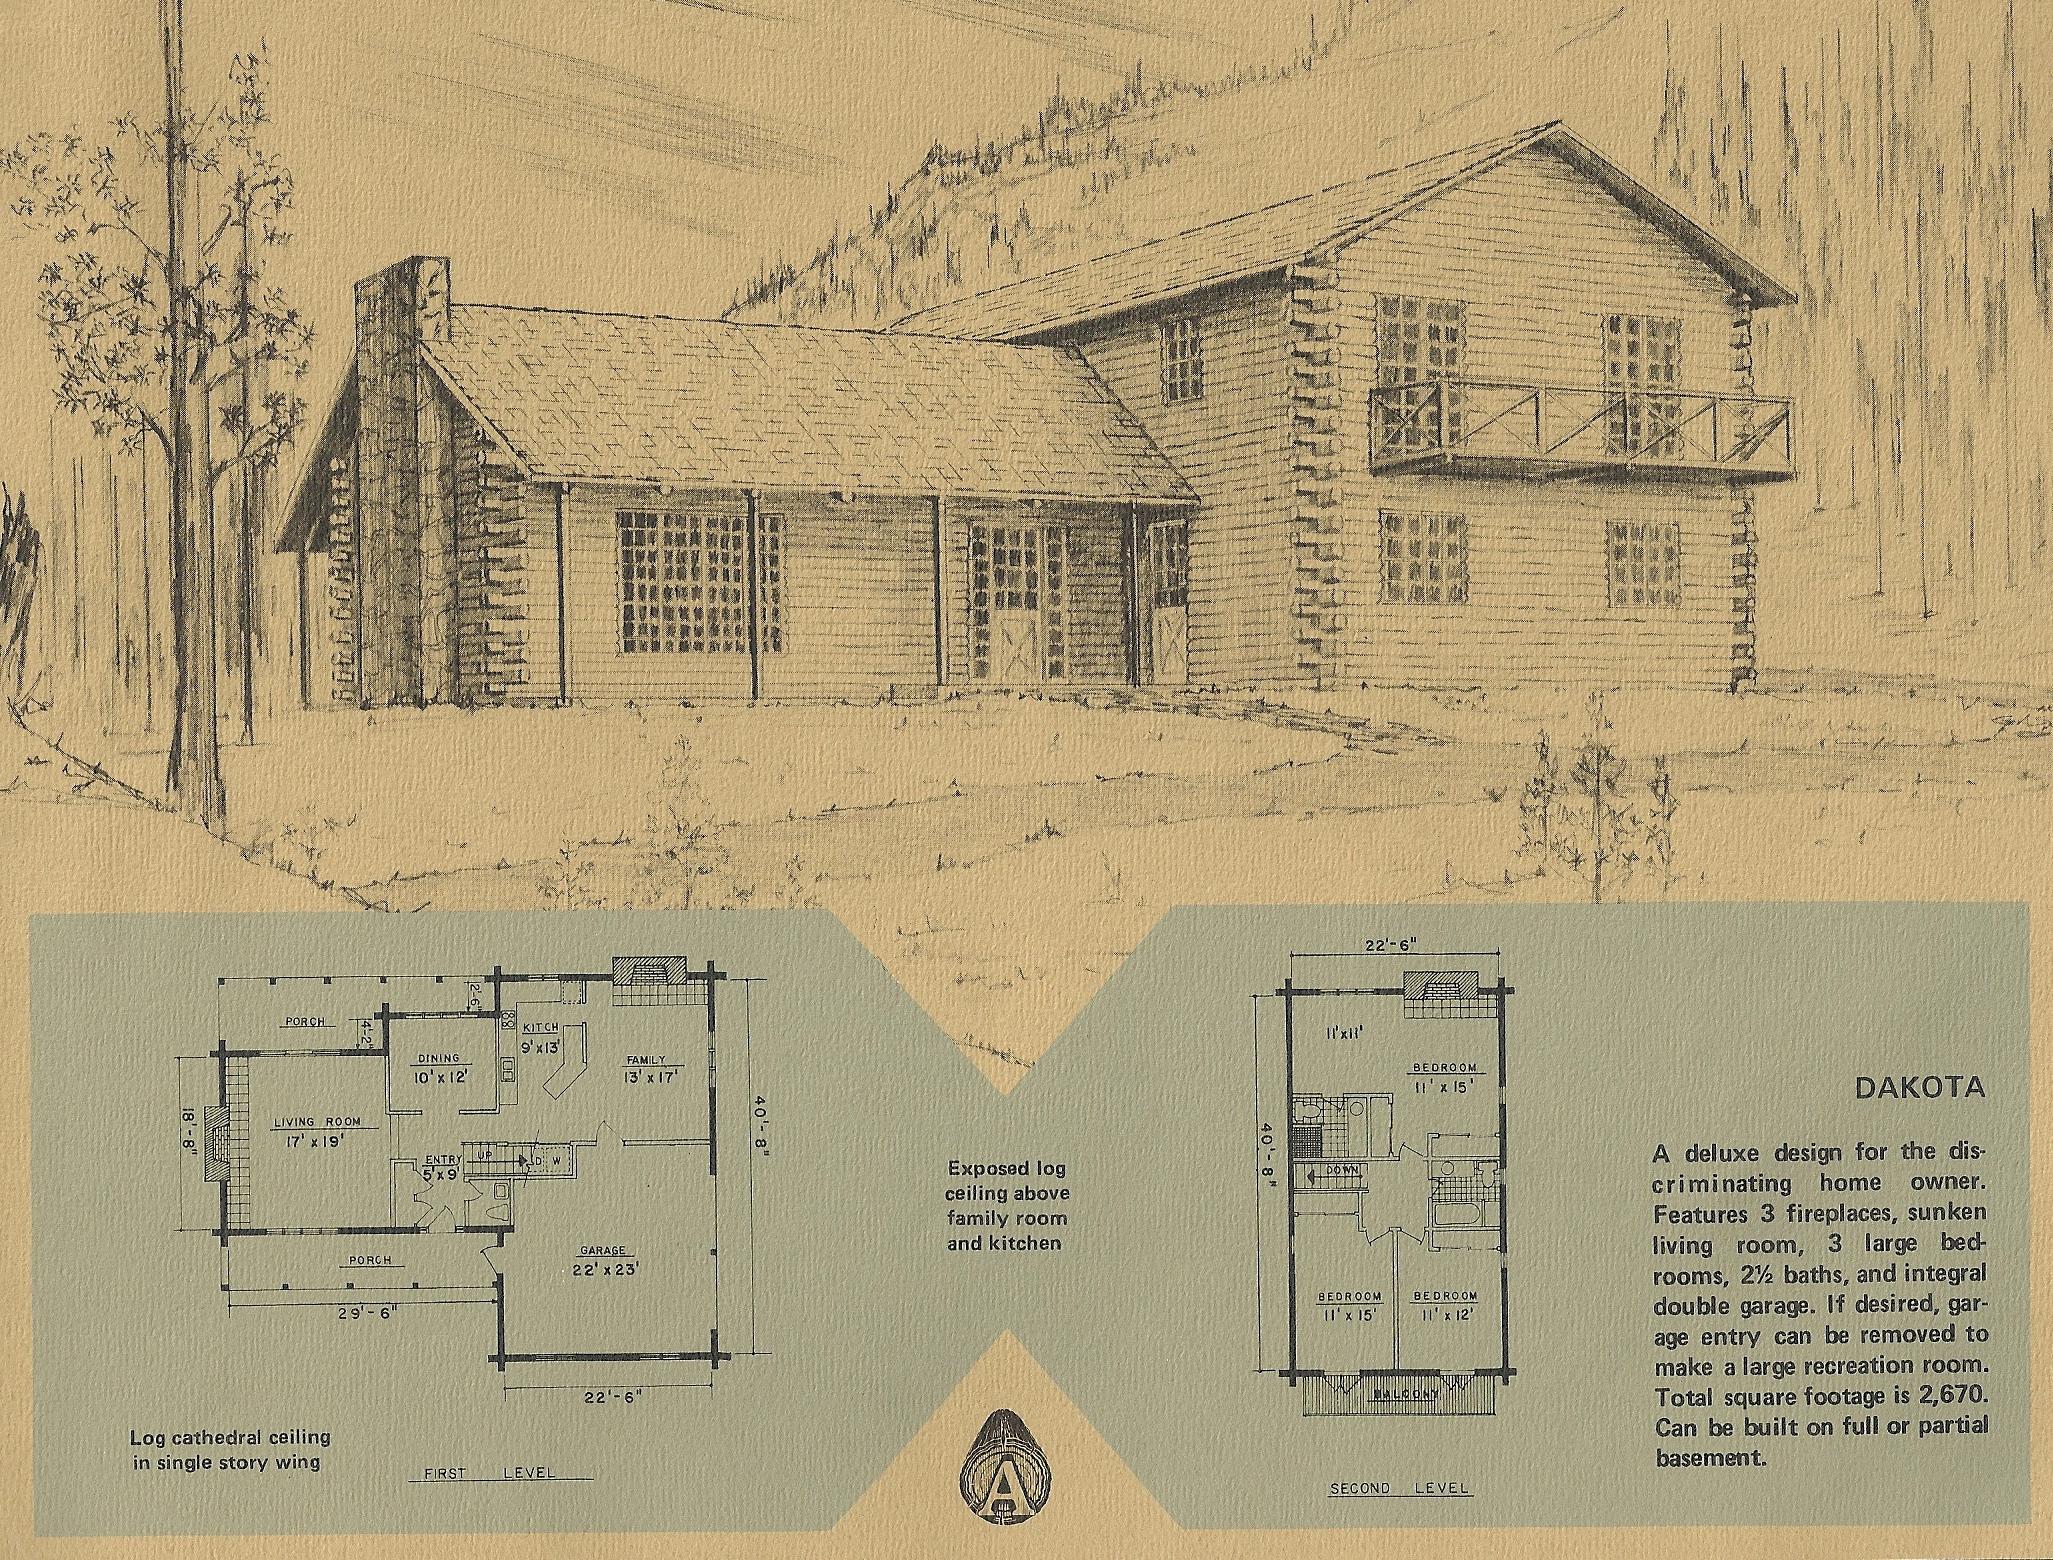 Vintage Log Cabin Plans 6 | on bungalow log house plans, 6 bedroom model homes, 6 bedroom log homes, 6 bedroom cabin plans, 8 bedroom log house plans, loft log house plans, 3 bedroom log house plans, 6 bedroom mansion plans, 6 bedroom ranch plans, home log house plans,